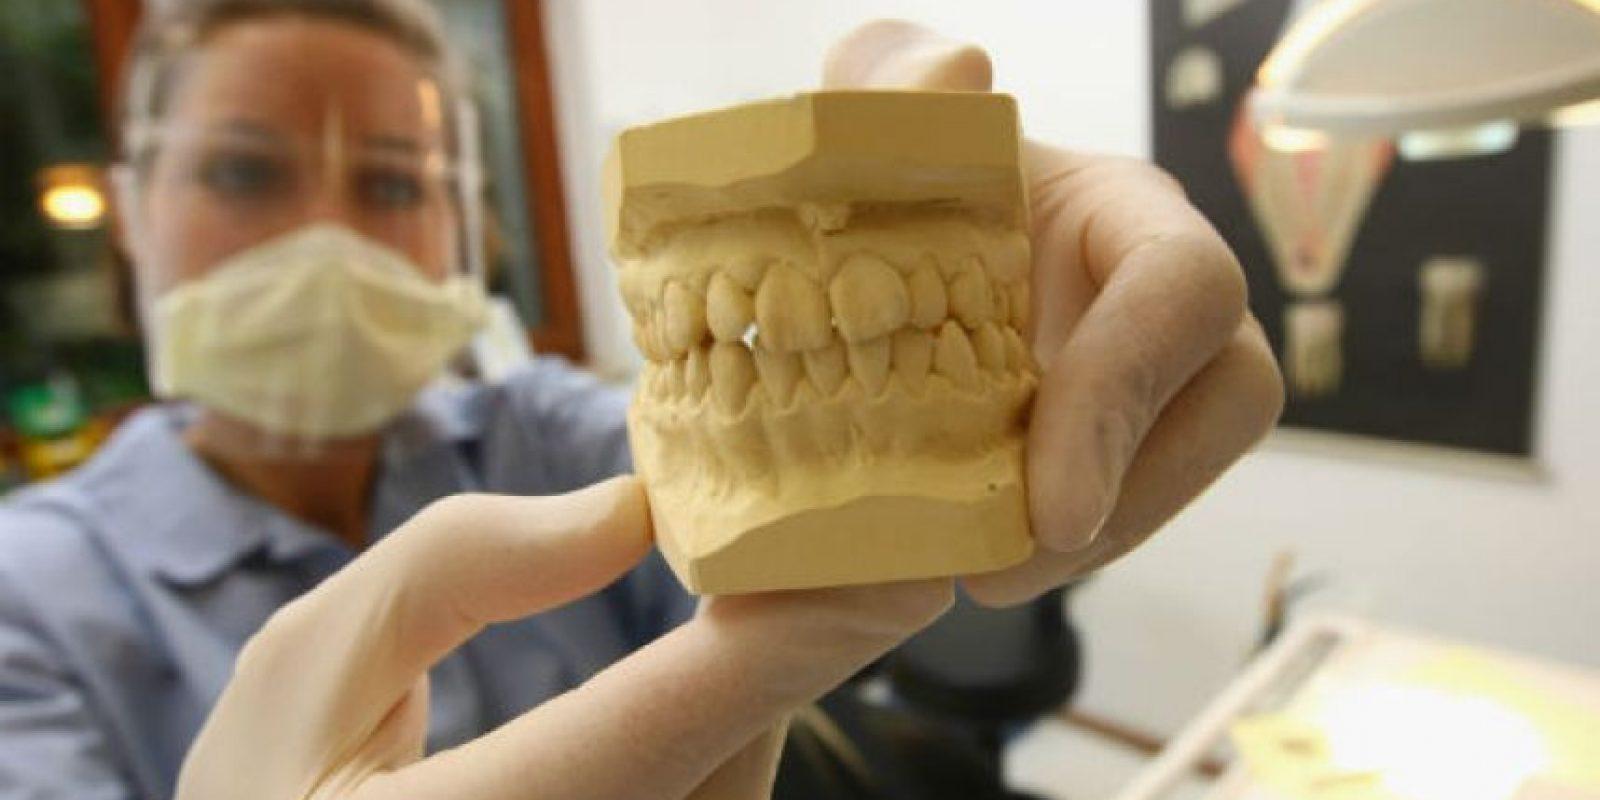 Normalmente un ser humano a la edad adulta posee en su boca un total de 32 dientes. Foto:Getty Images